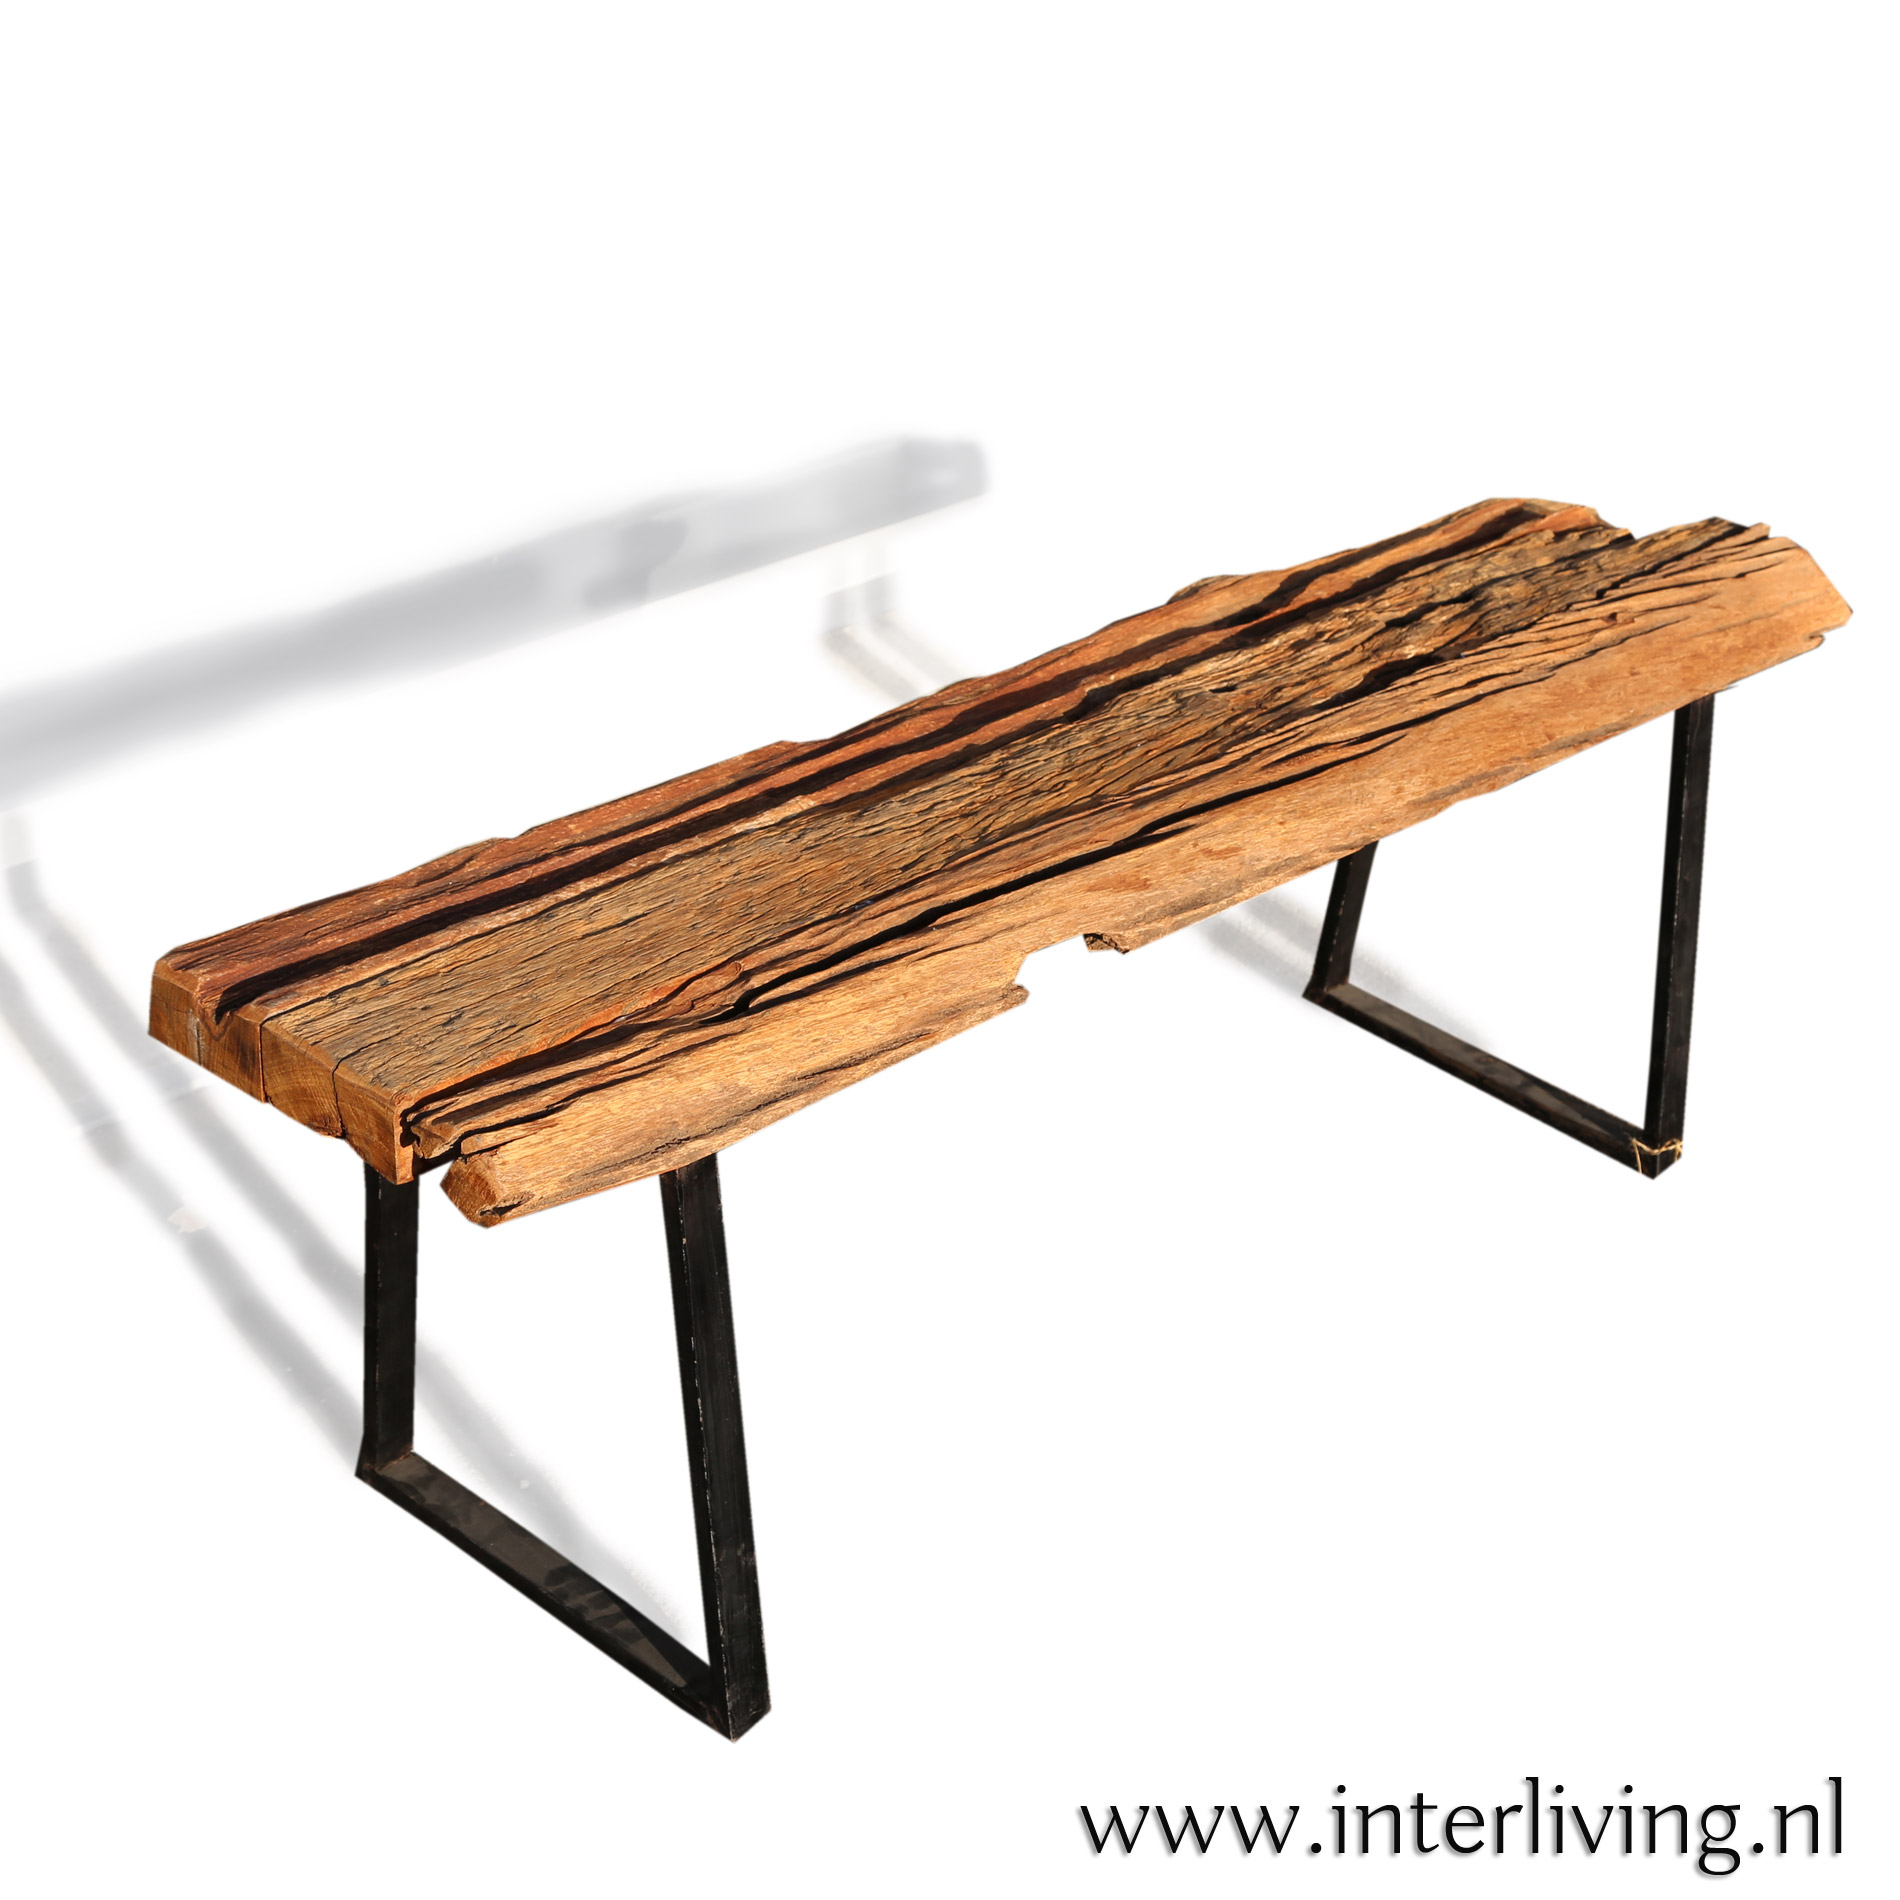 handgemaakte houten eetkamer bank bij de eettafel - Industriële Boho woonstijl - massief hout met metalen frame zwart